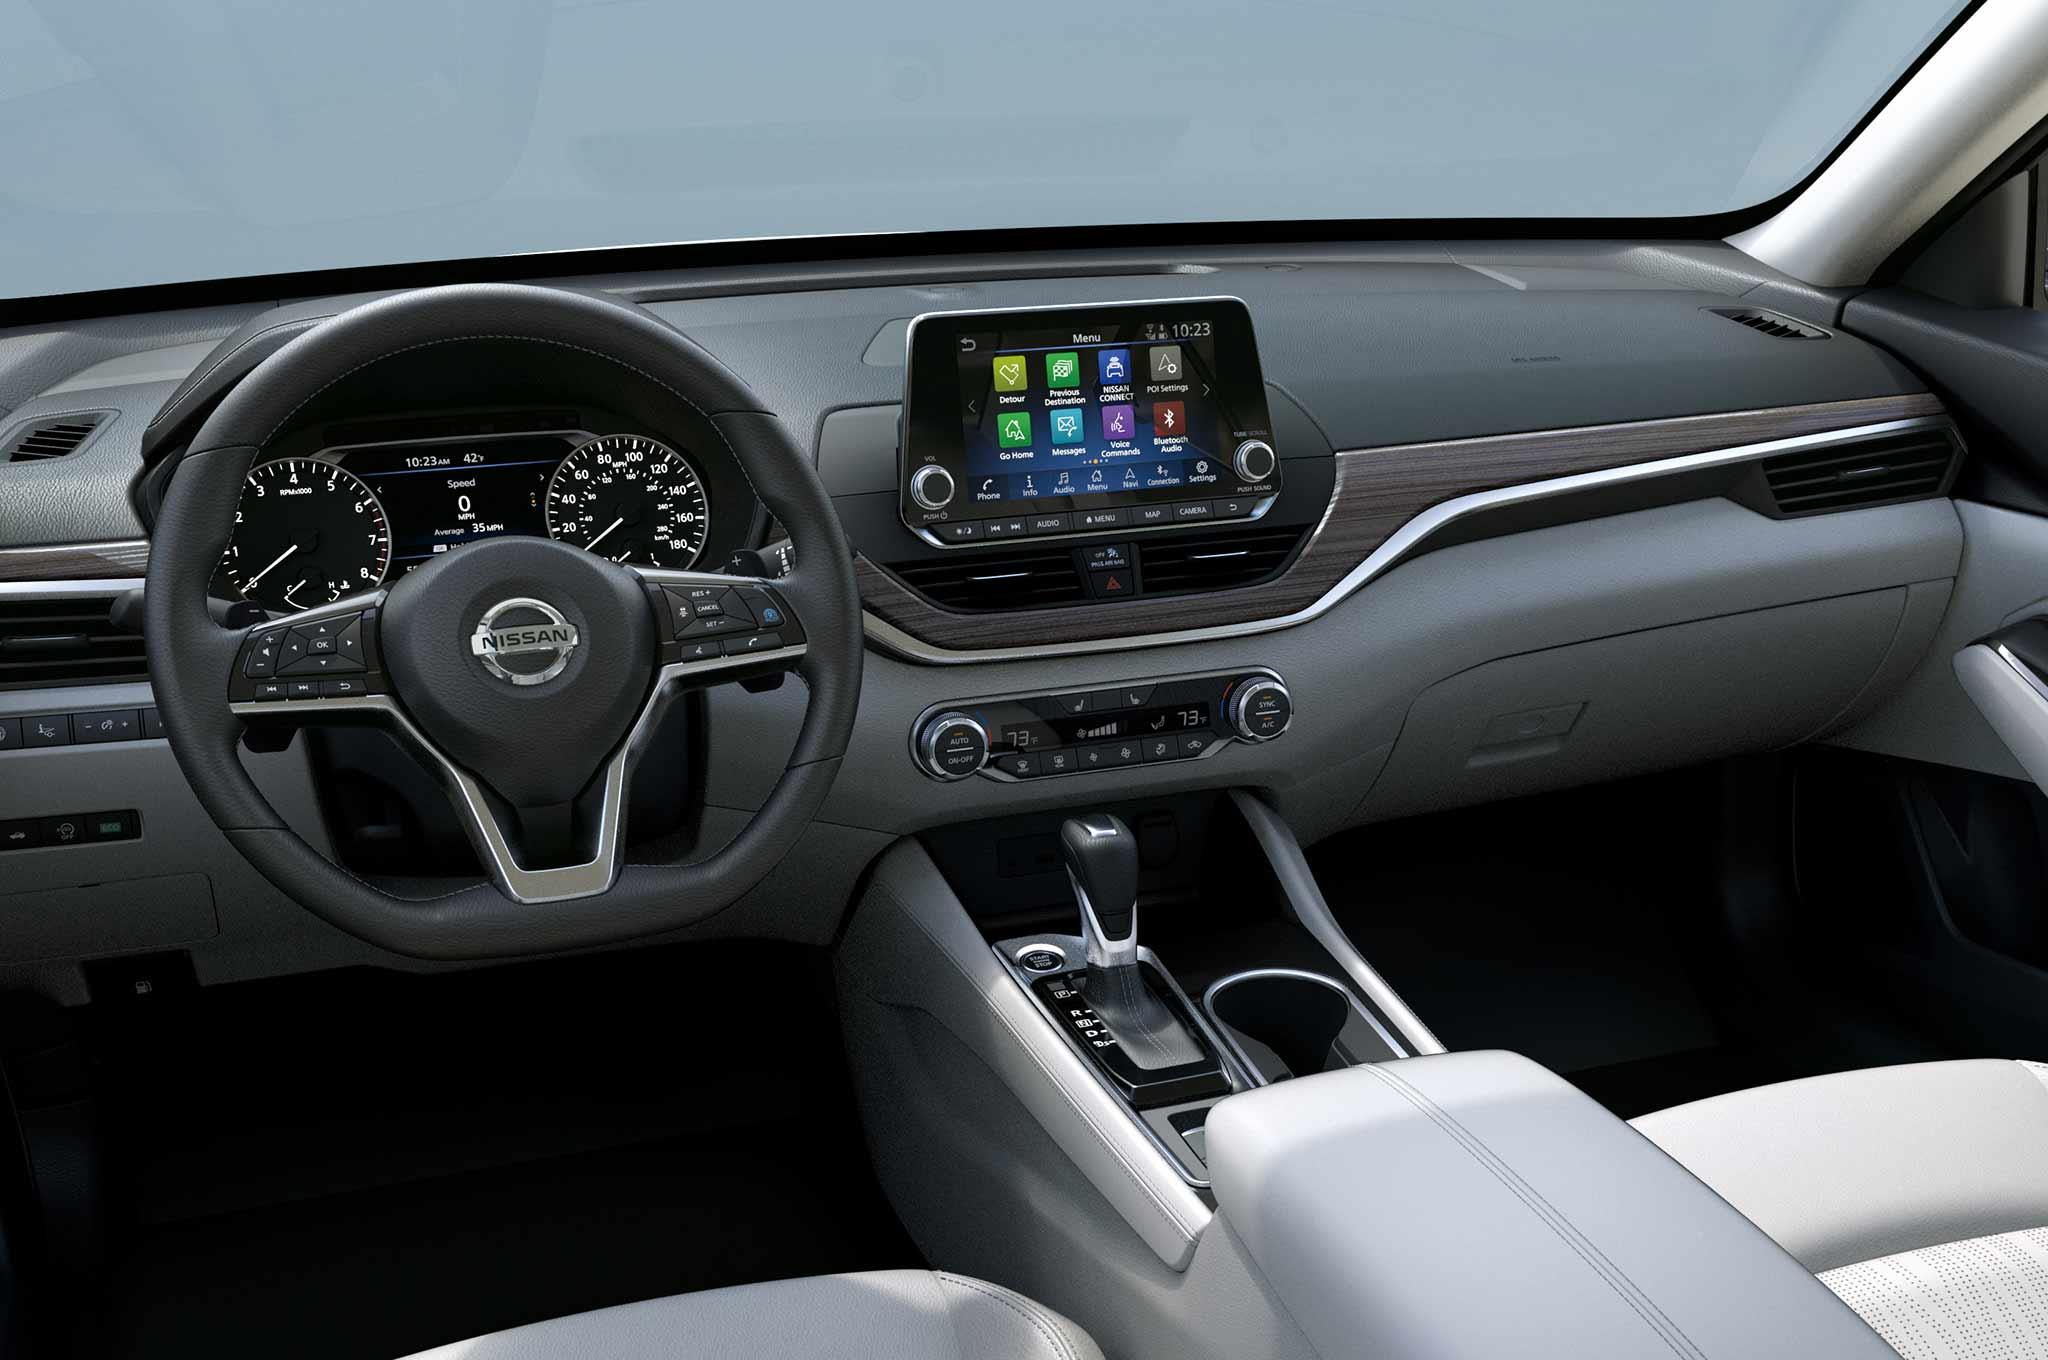 2019 Nissan Altima interior - Motor Trend en Español